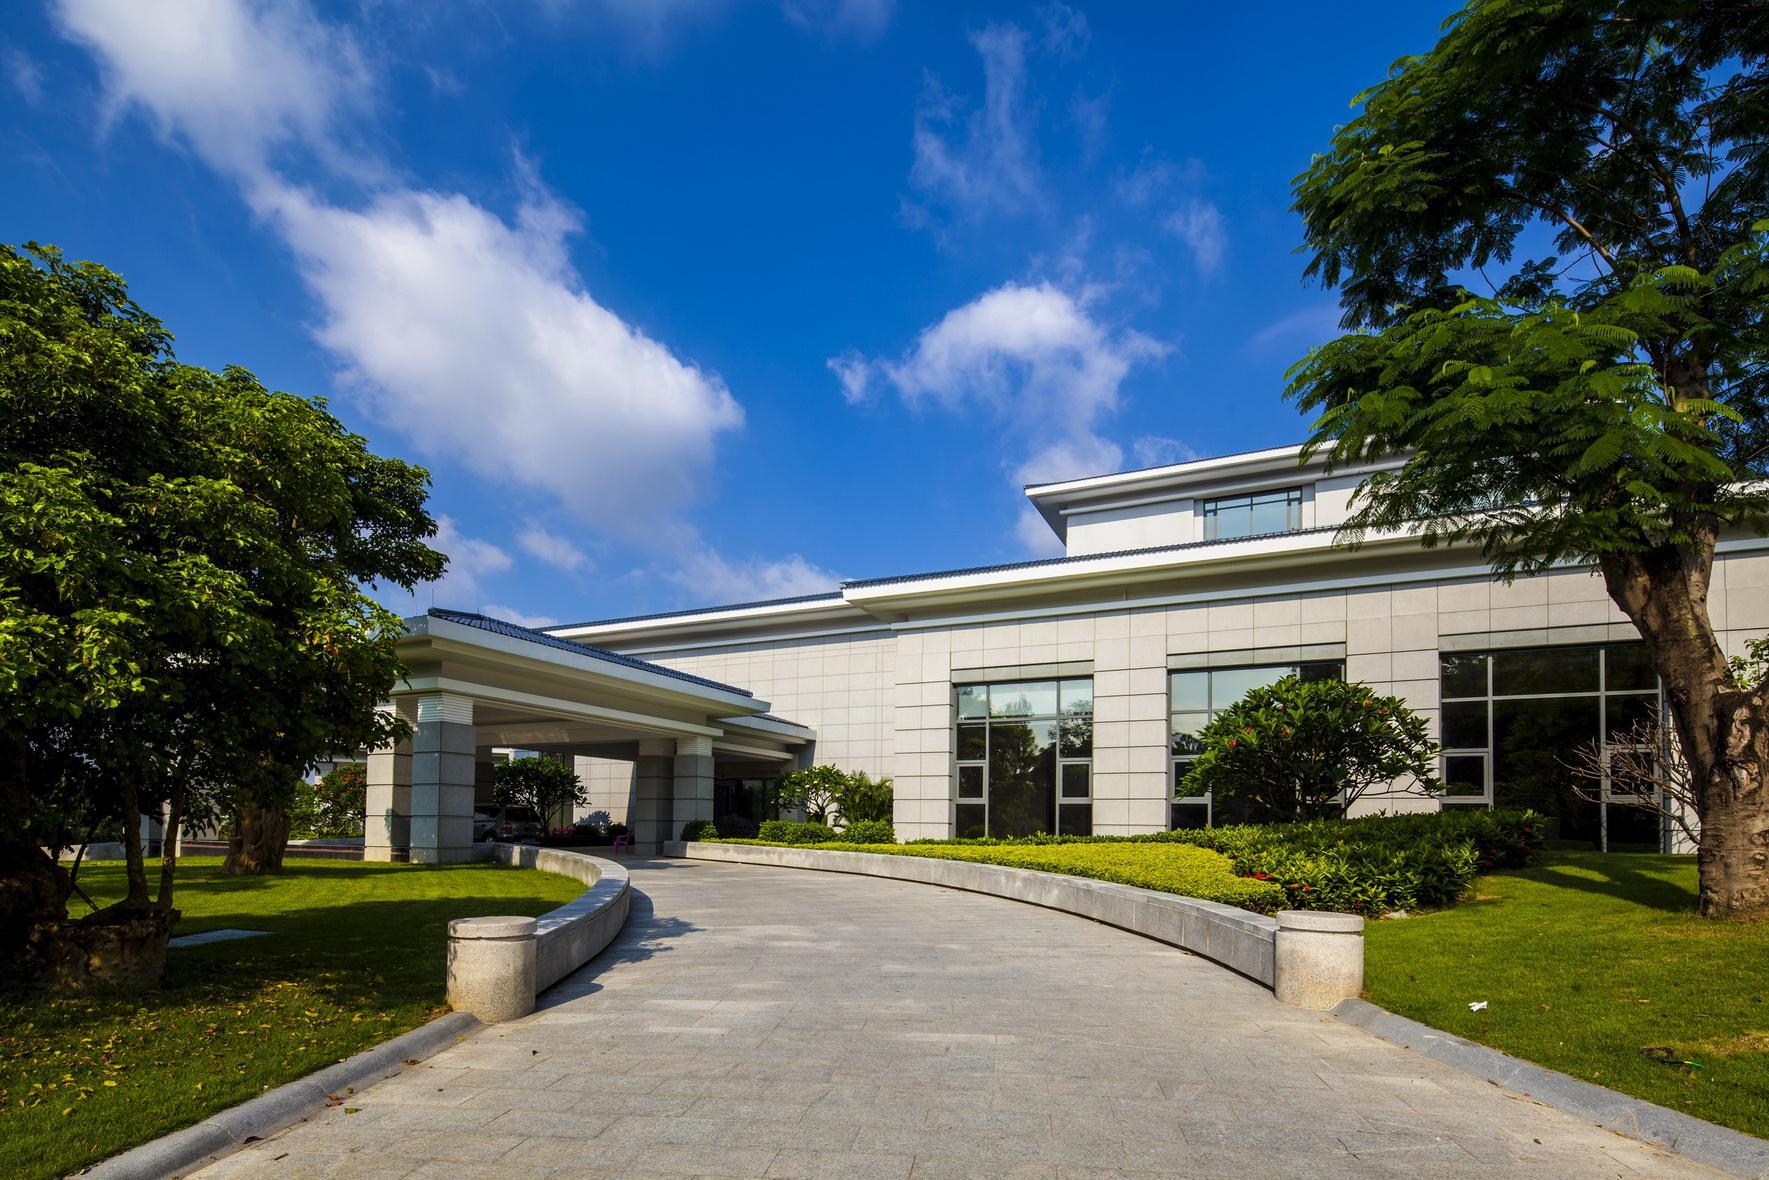 东莞市迎宾馆景观